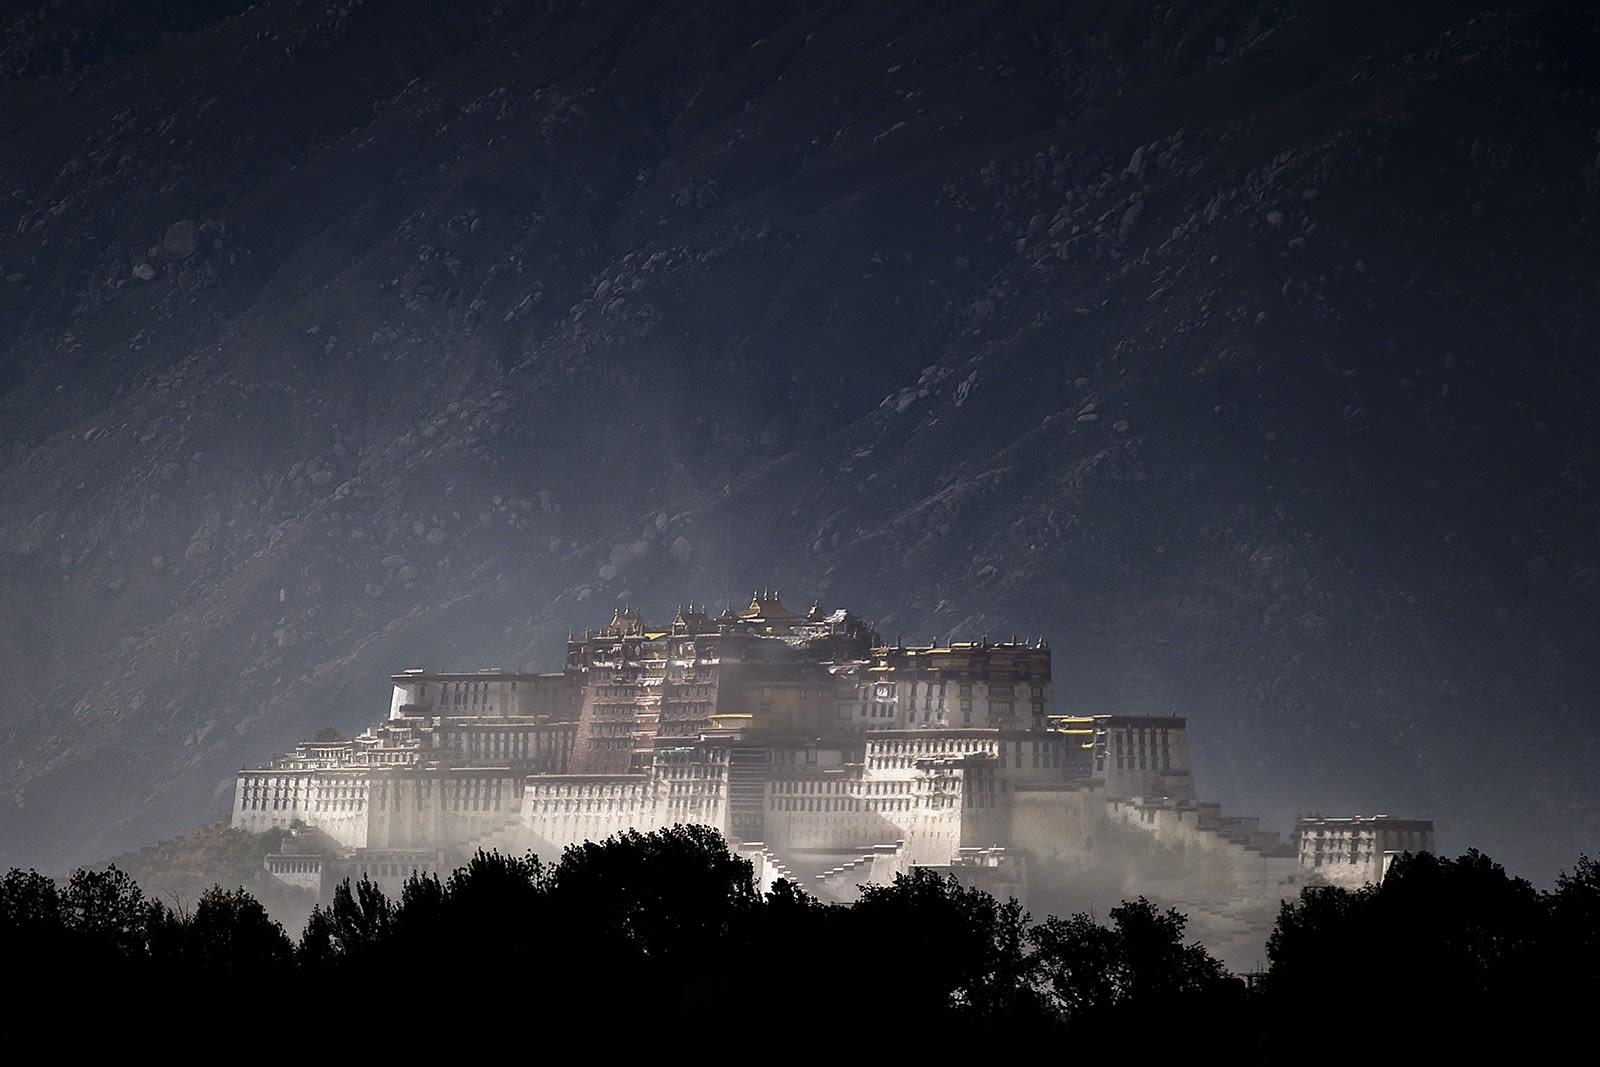 Matjaž Krivic, Ihasa, Tibet, 2008 – 2012